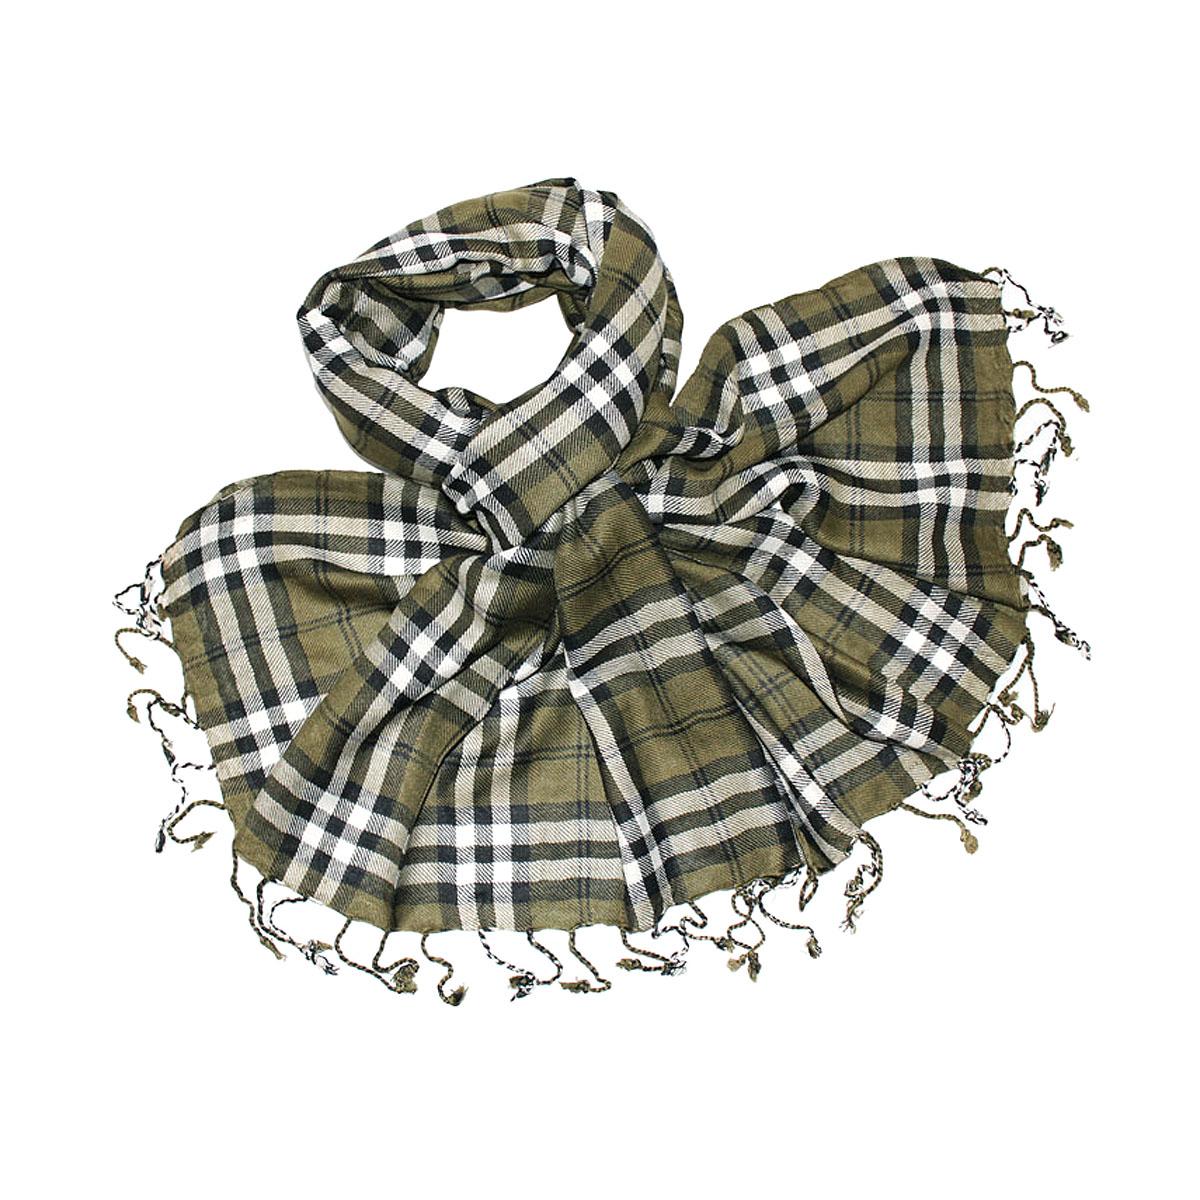 Купить Палантин Ethnica, цвет: хаки, белый, черный. 442075н. Размер 180 см х 70 см